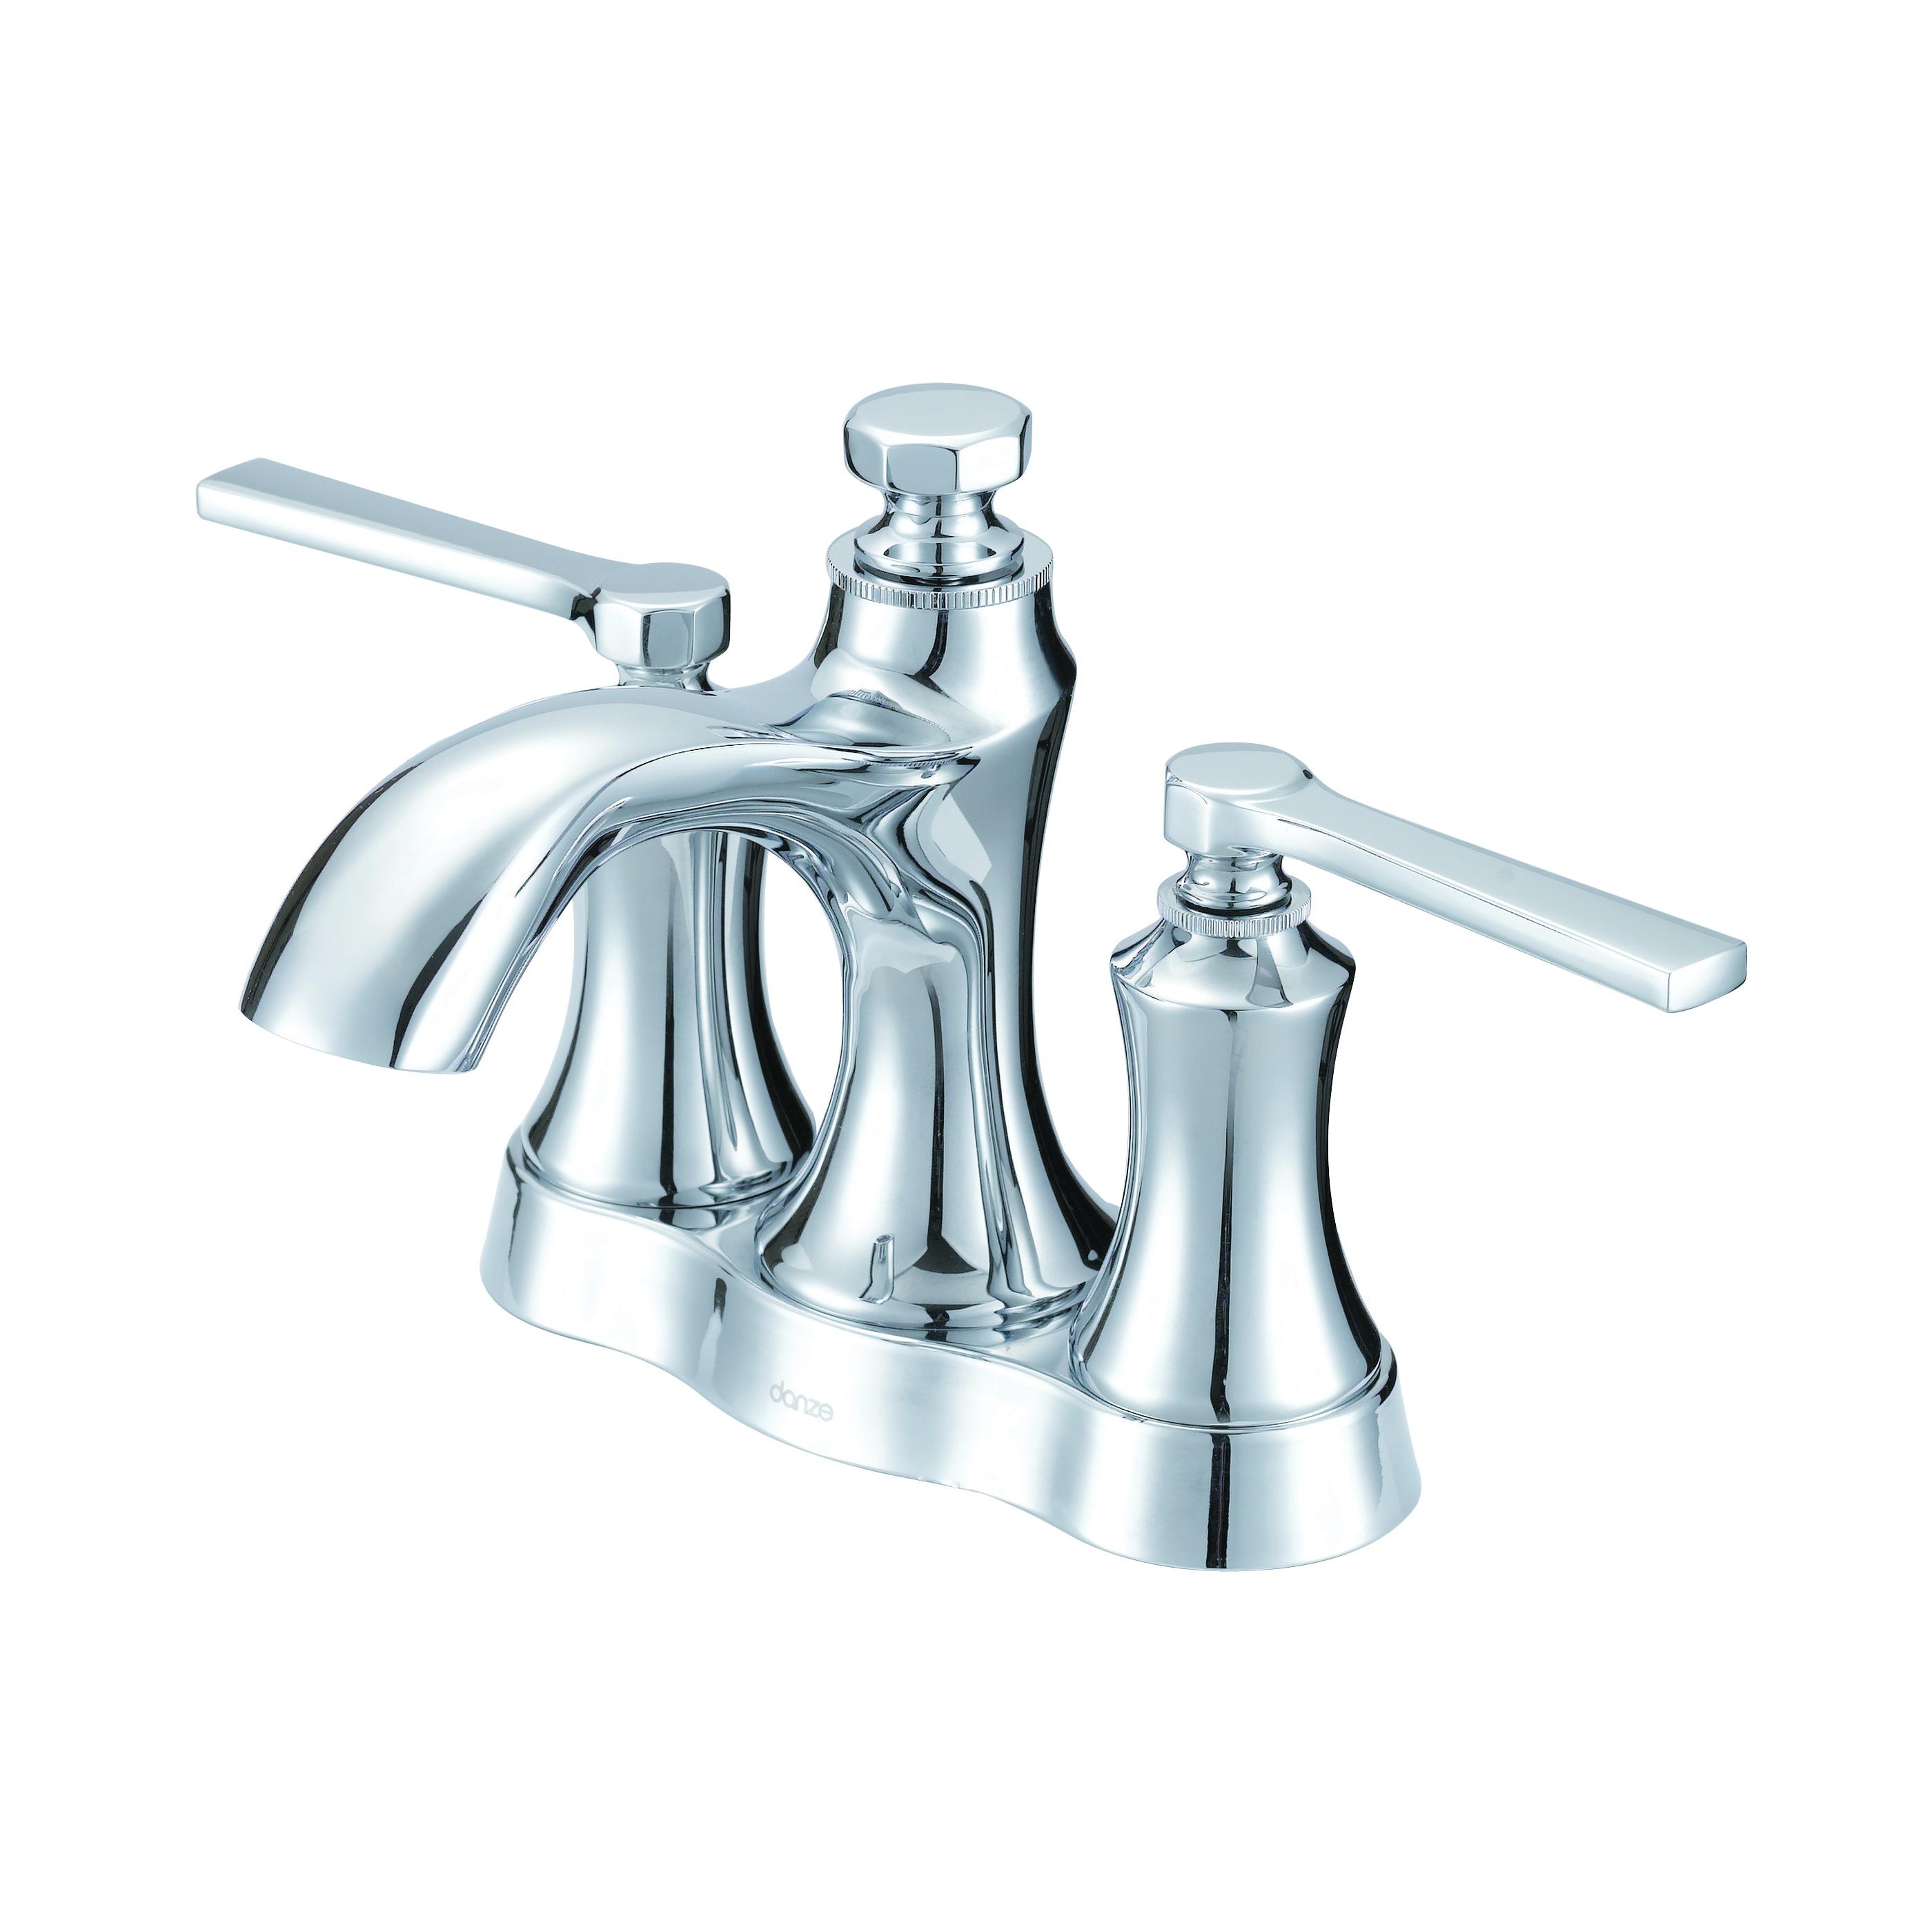 Danze® D307028 Centerset Lavatory Faucet, Draper®, Polished Chrome, 2 Handles, Metal Pop-Up Drain, 1.2 gpm